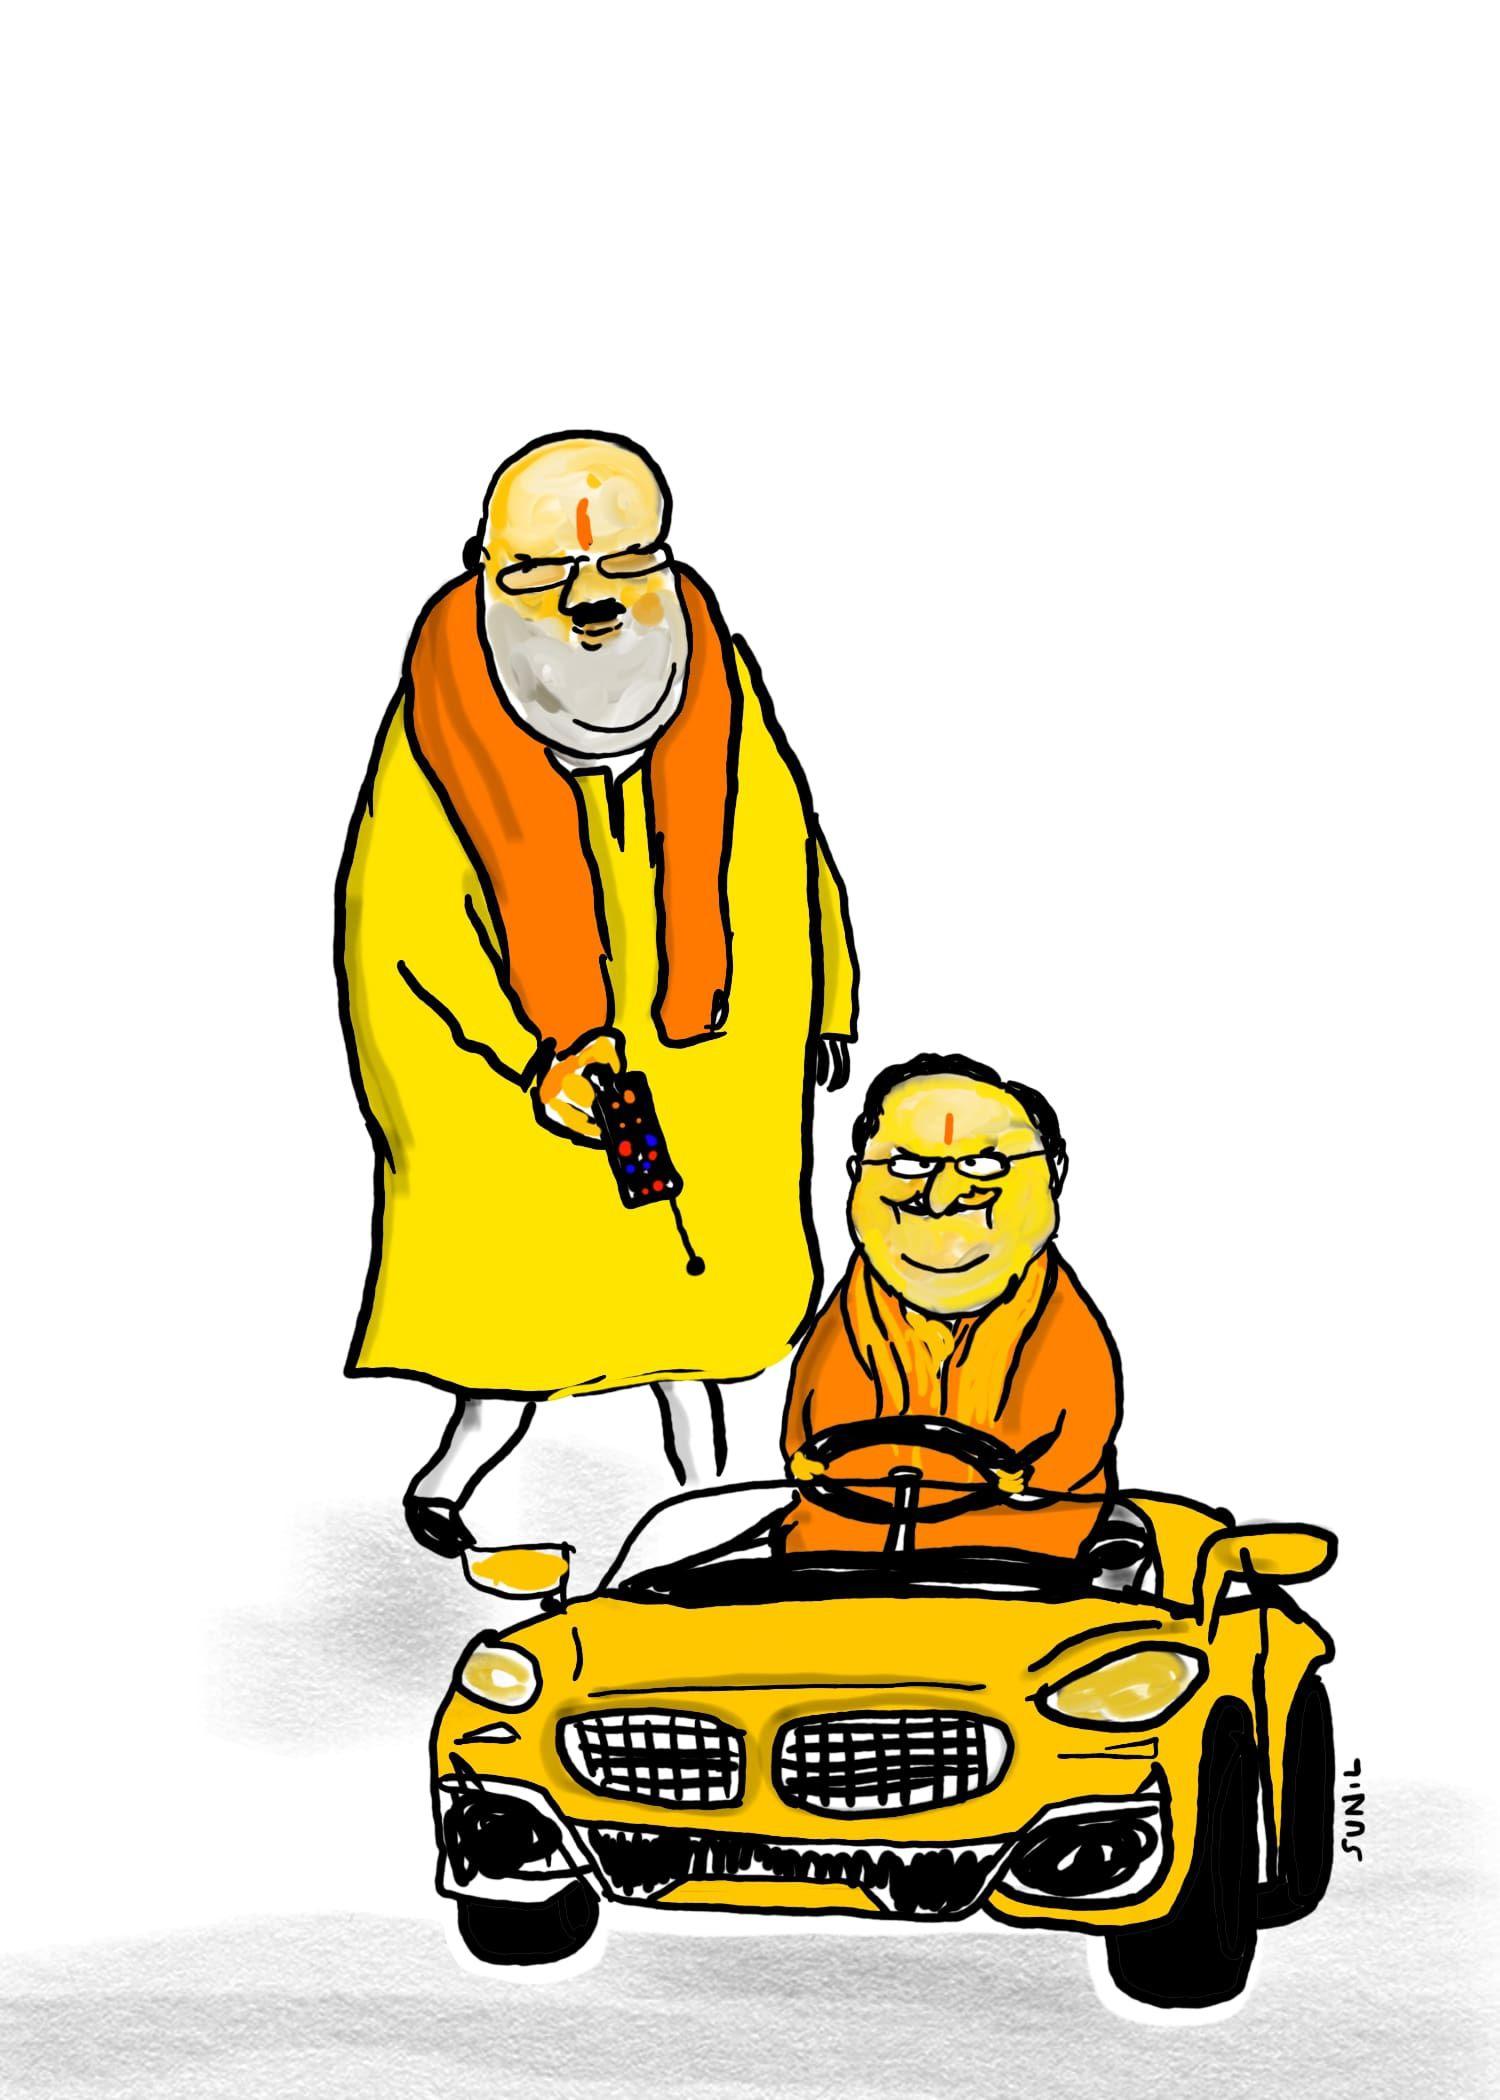 பாஜக தேசிய தலைவராக ஜேபி.நட்டா தேர்வு - கார்ட்டூன்